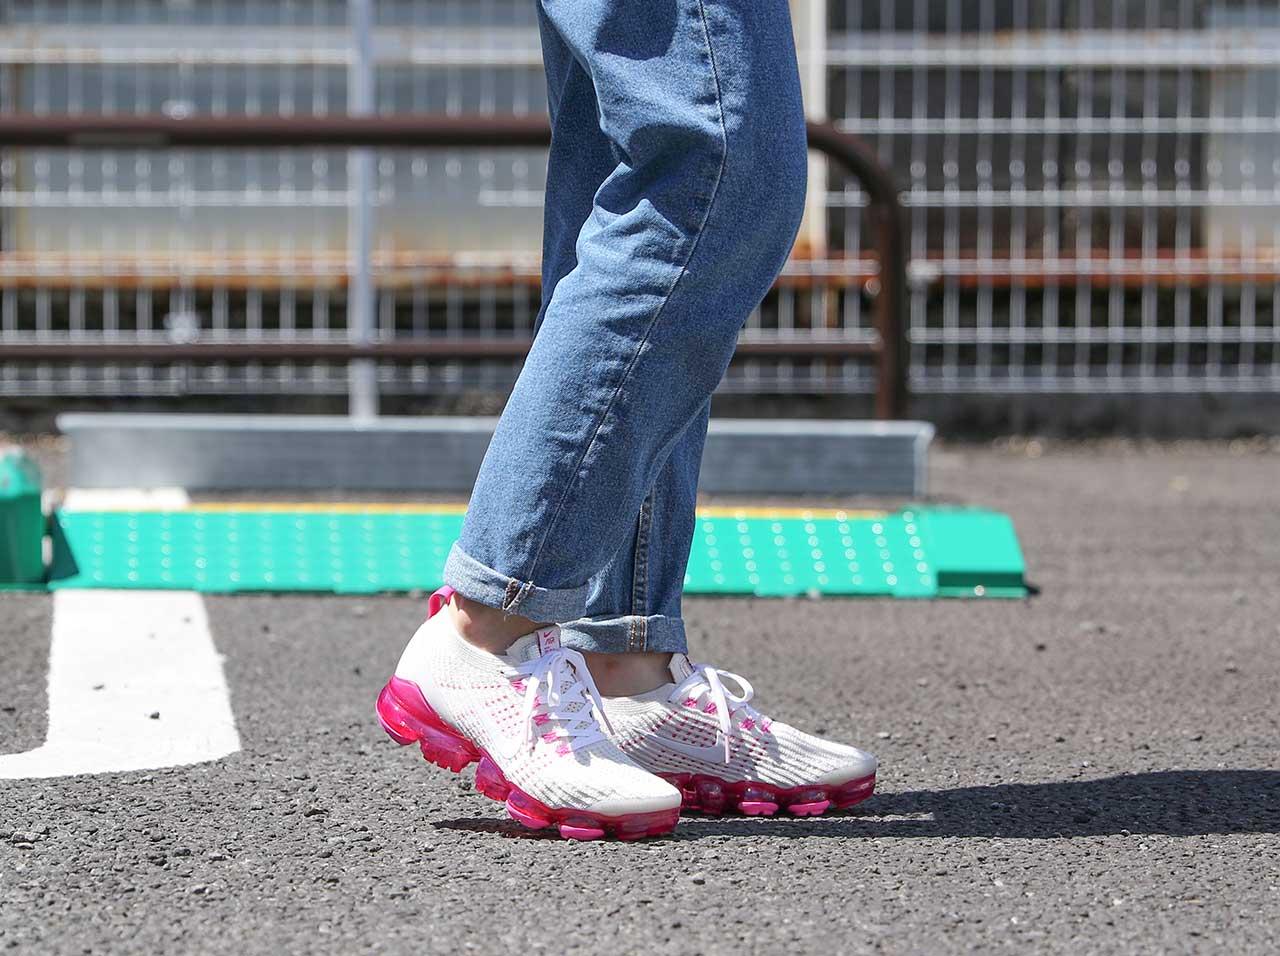 【全品ポイント10倍!期間限定★今すぐエントリー!(4/1~4/30)】【4/11発売】 NIKE WMNS AIR VAPORMAX FLYKNIT 3(AJ6910-005)【ナイキ】【メンズファッション】【シューズ】【スニーカー】【靴】【フットウェア】